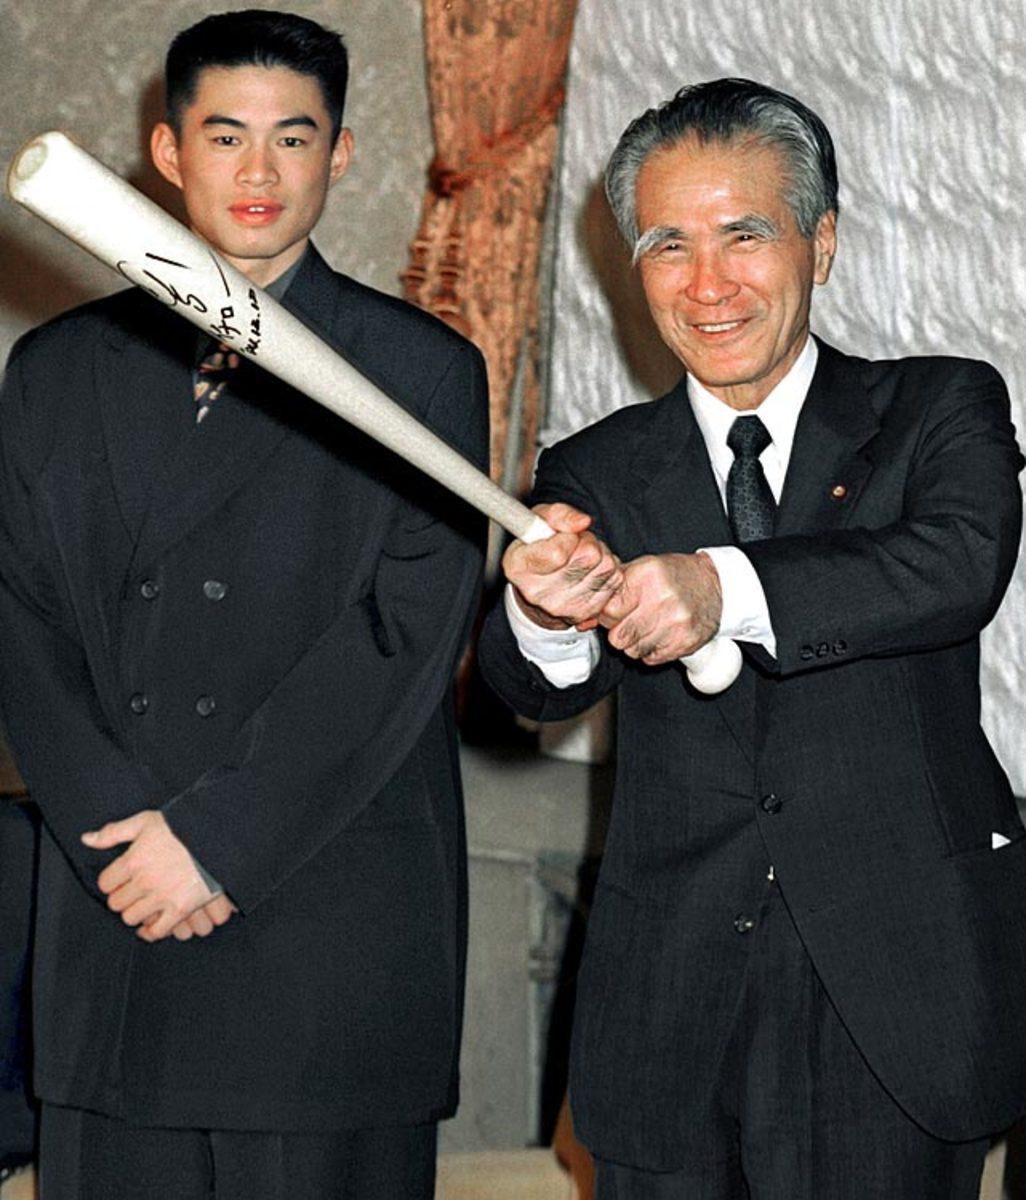 Ichiro Suzuki and Japan's Prime Minister Tomiichi Murayama